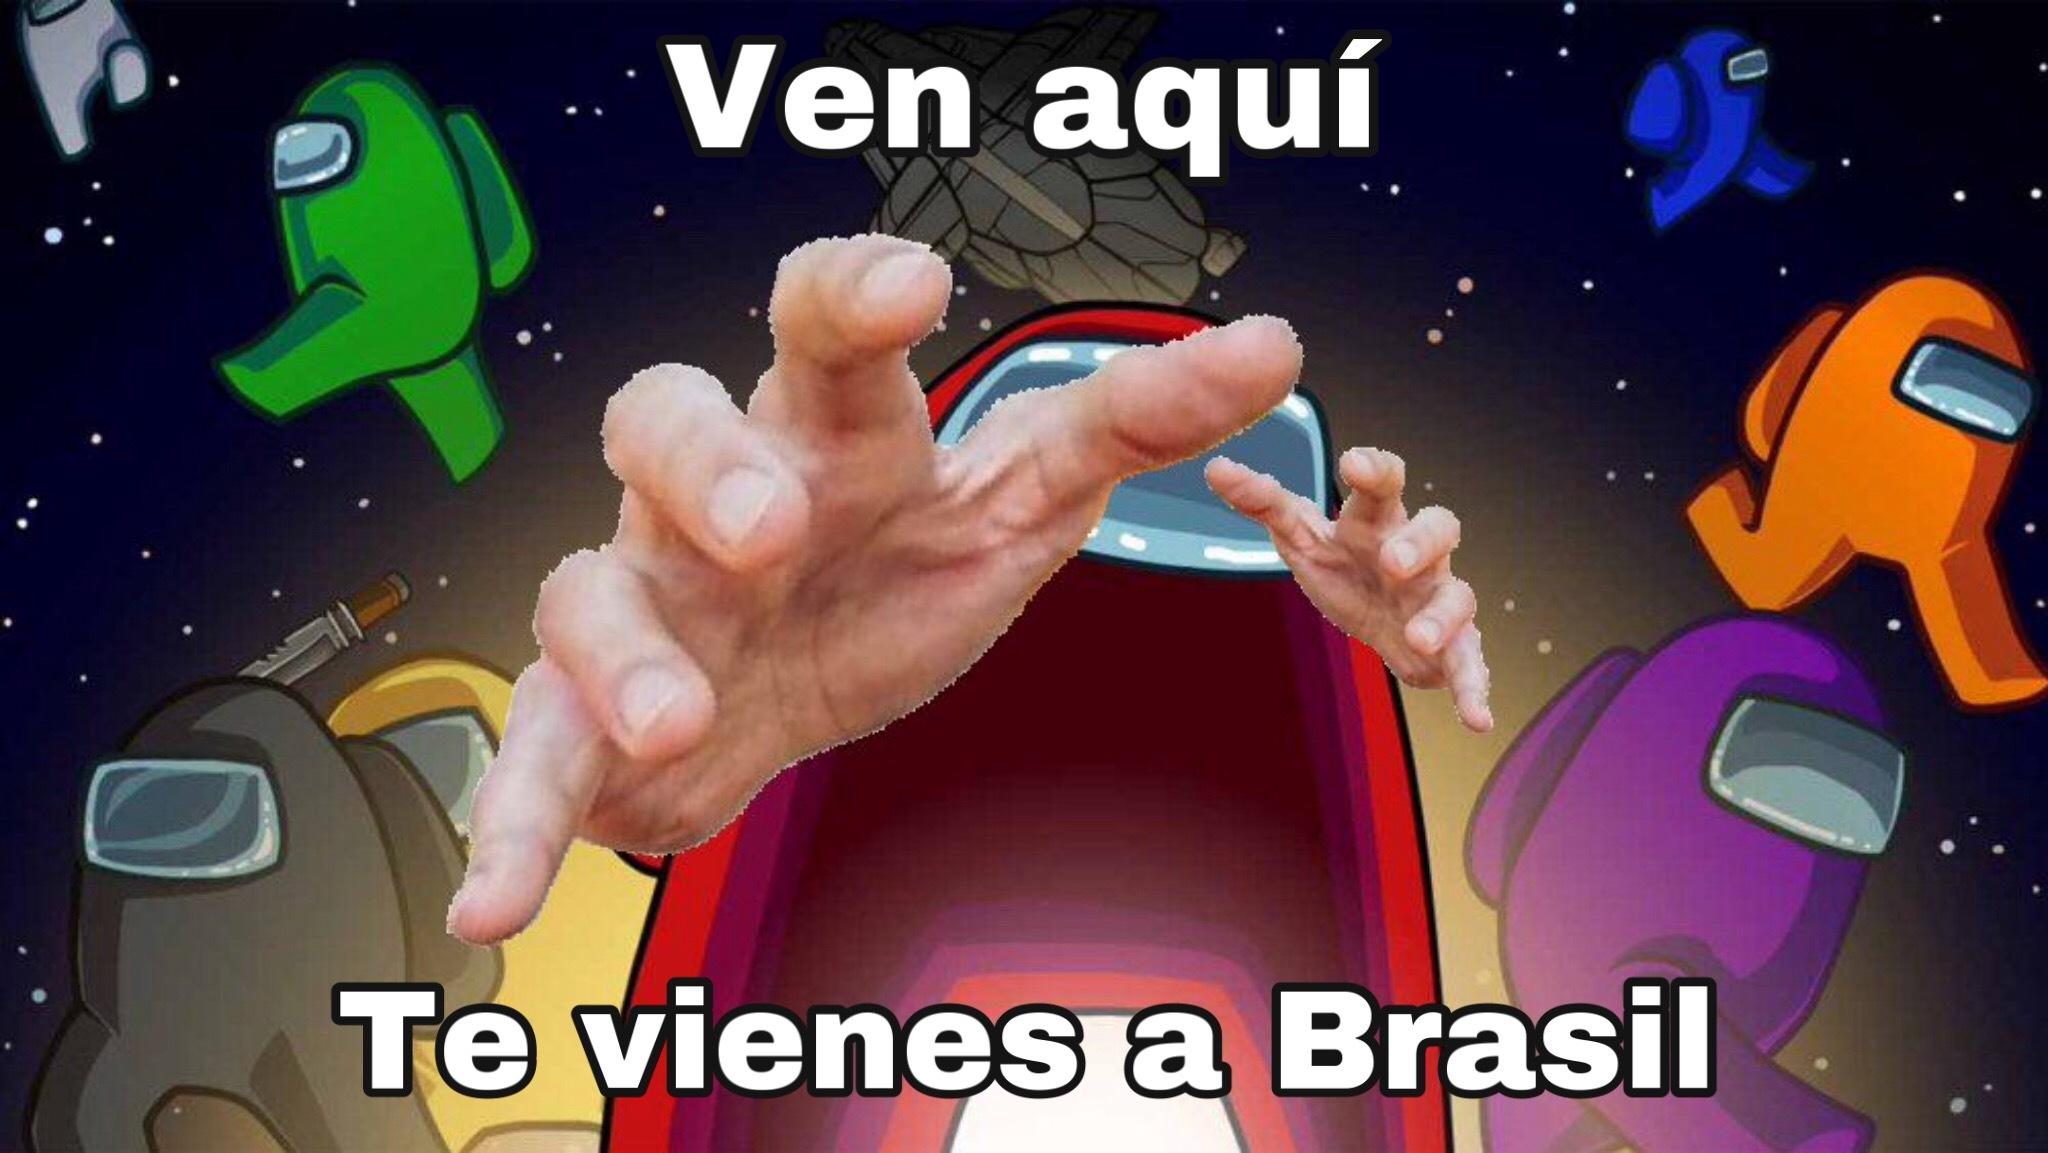 Noooooo no quiero ir a brasil nooo aaaaaaaaaa - meme